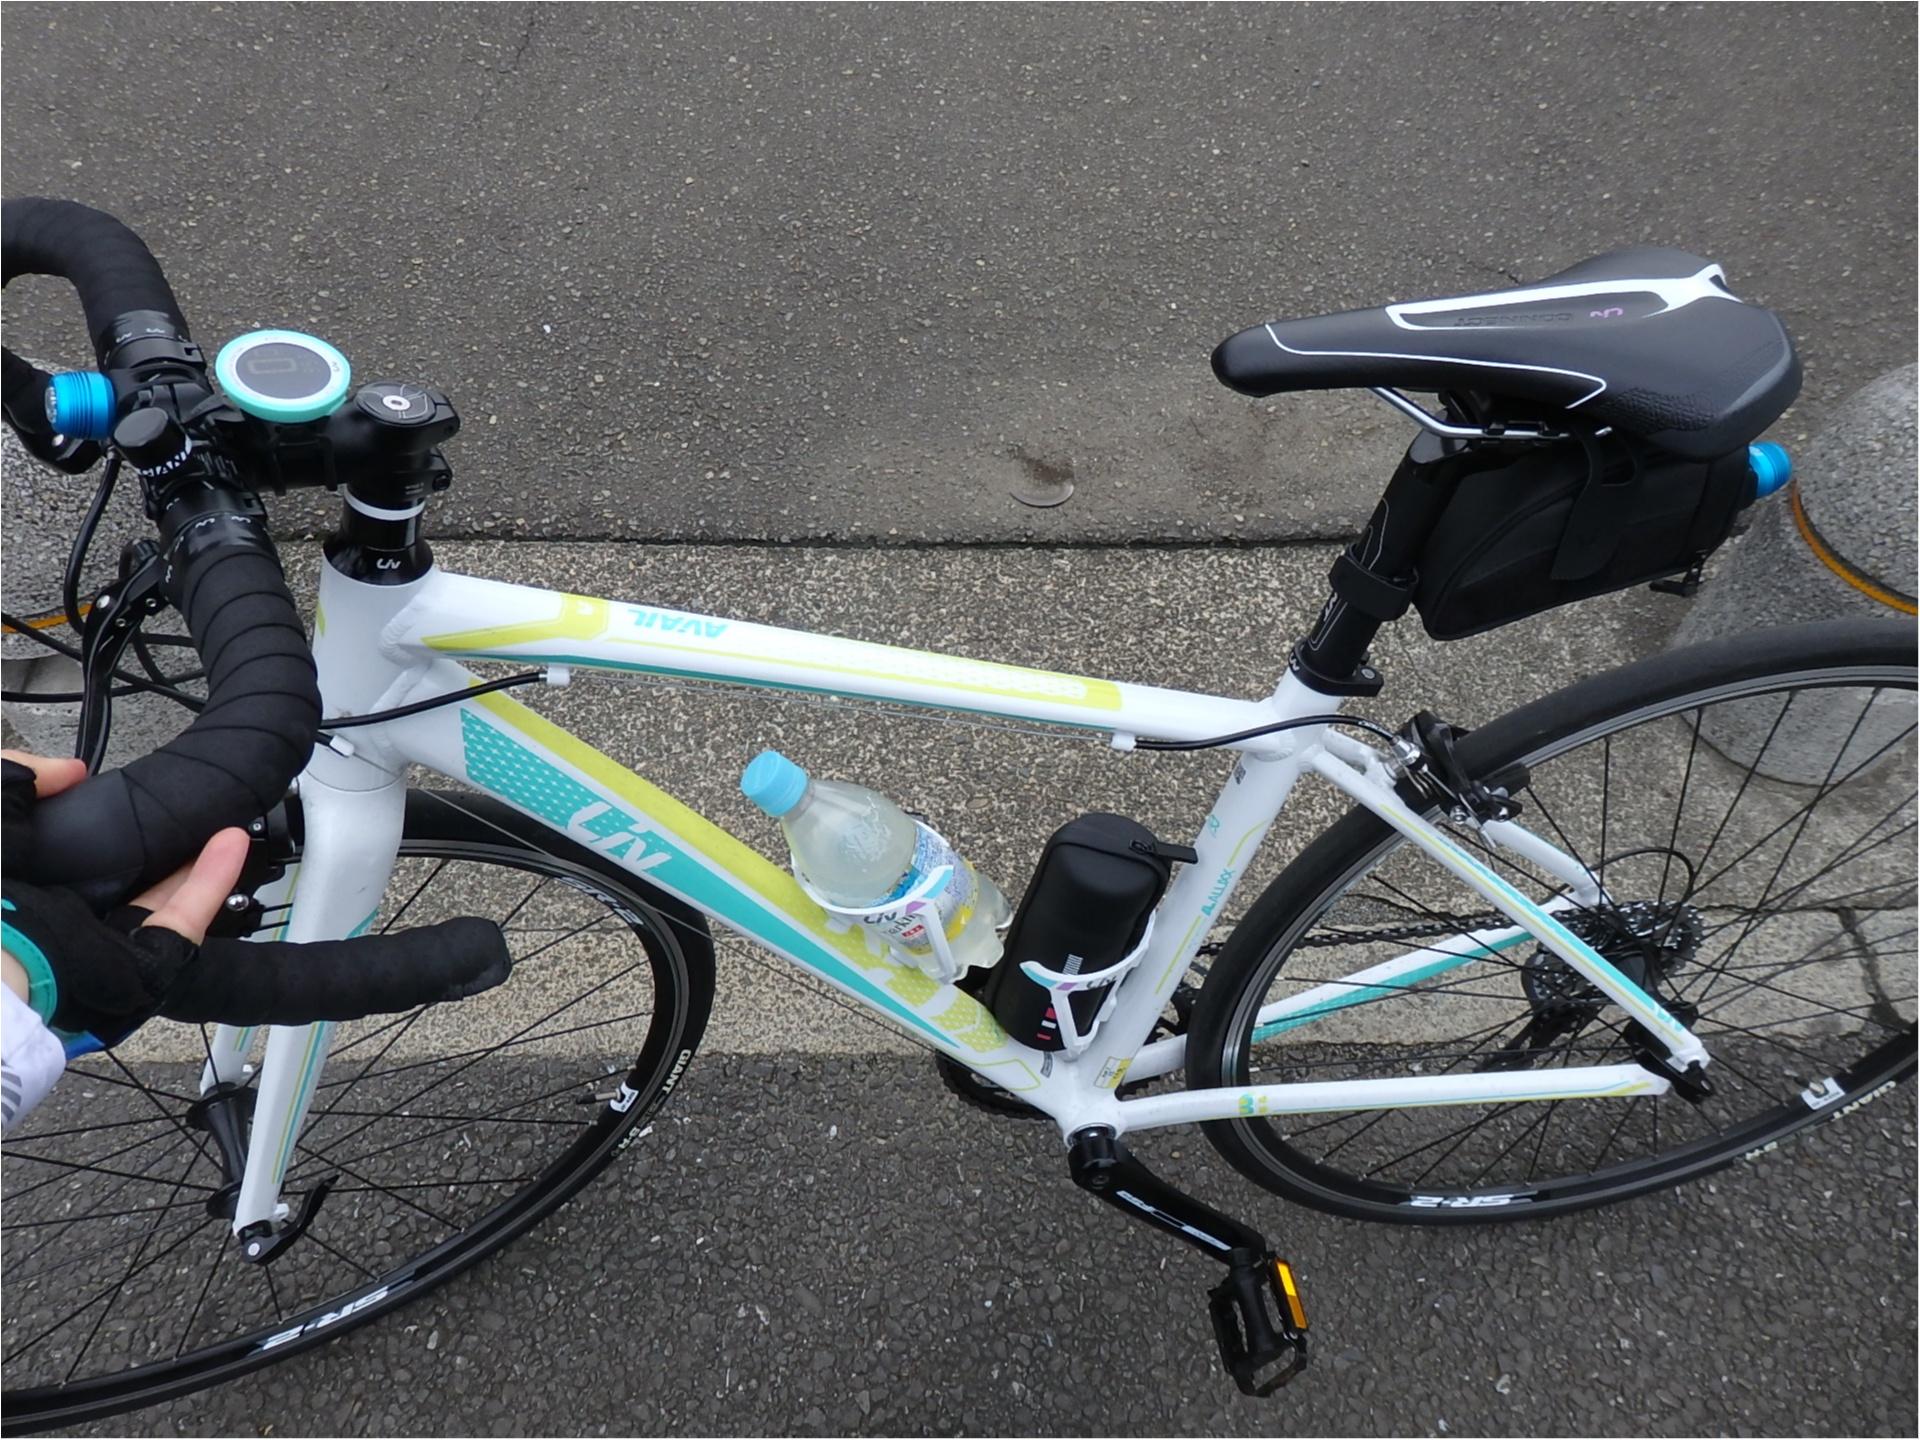 東京が小さく感じられる!ロードバイクならすいすい♪練習のお楽しみは築地で海鮮♥ #ツール・ド・東北【#モアチャレ あかね】_9